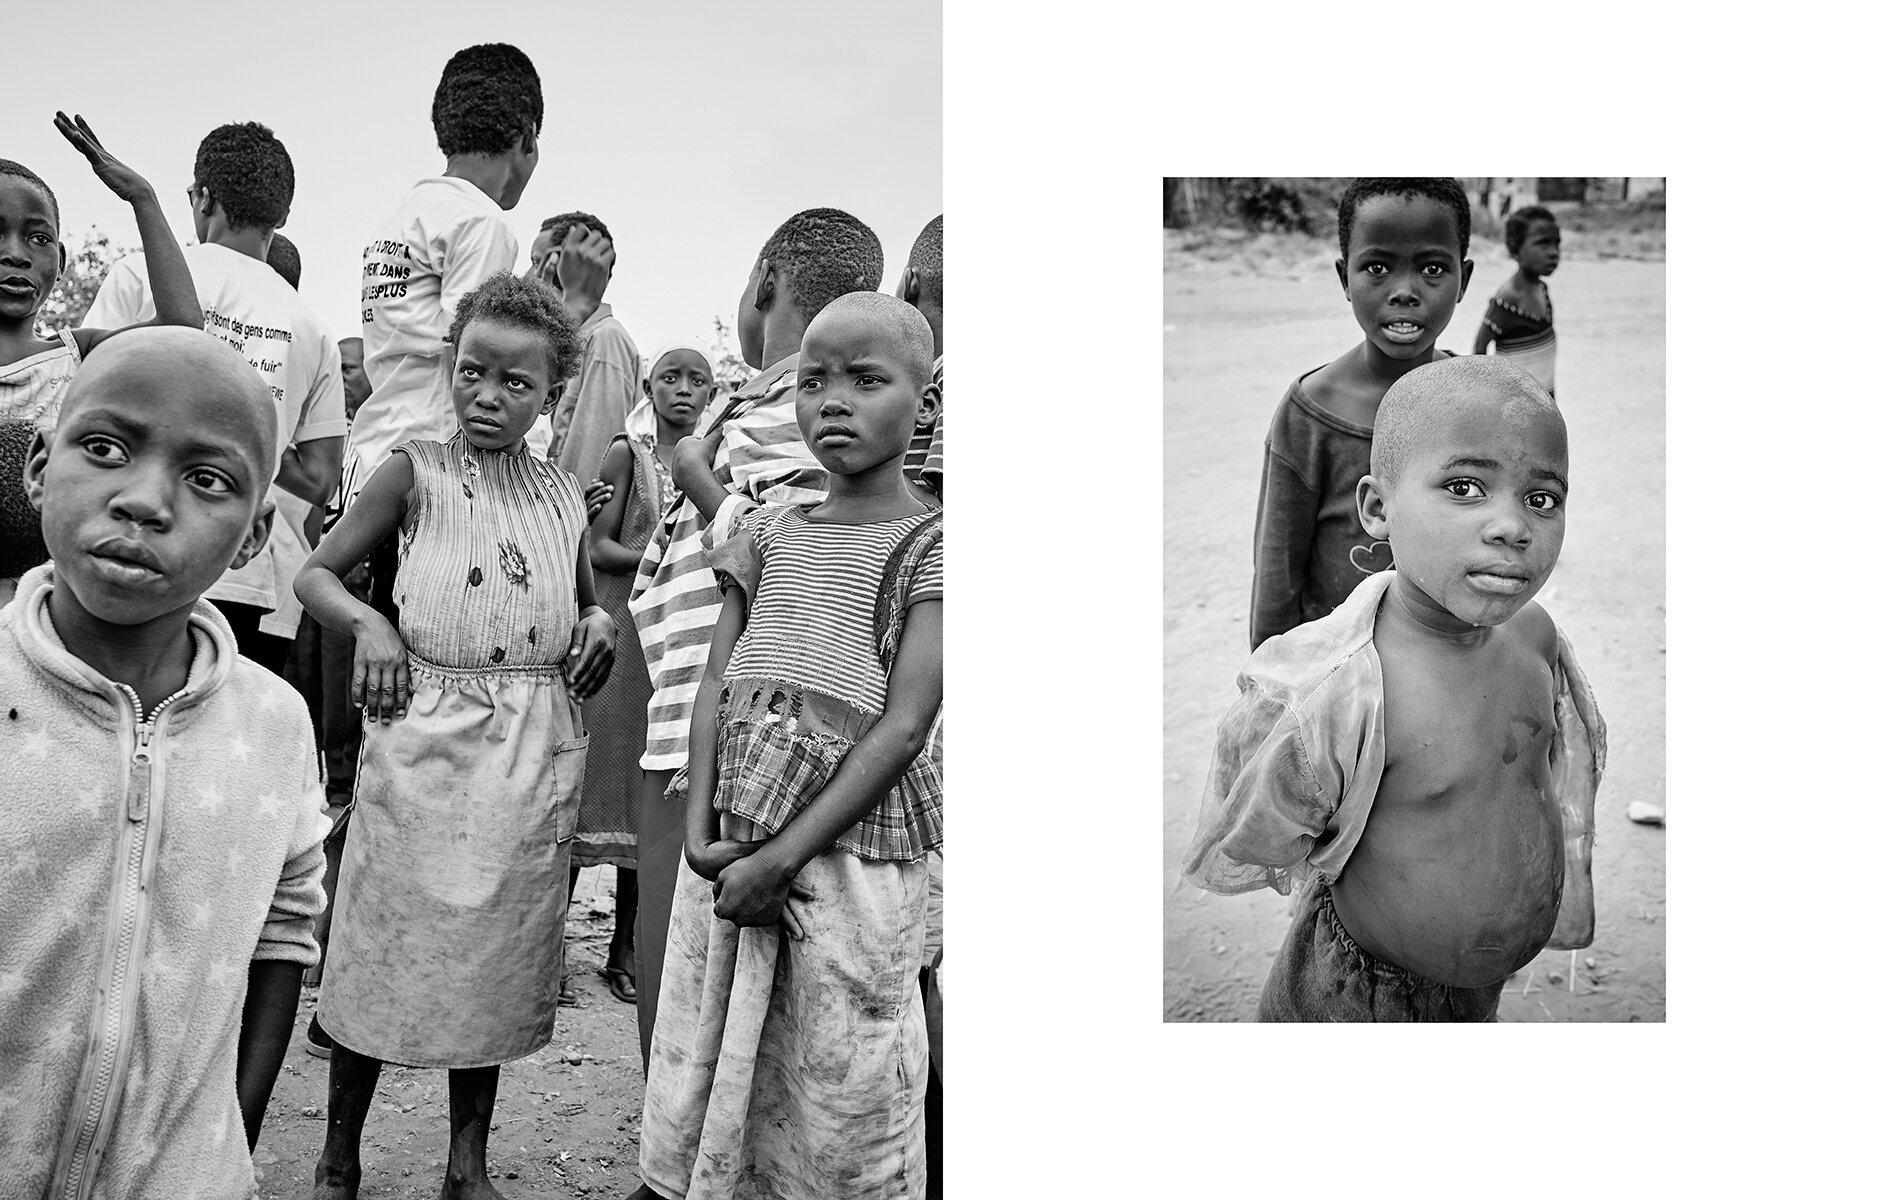 Lusenda refugee camp, DR Congo  2016